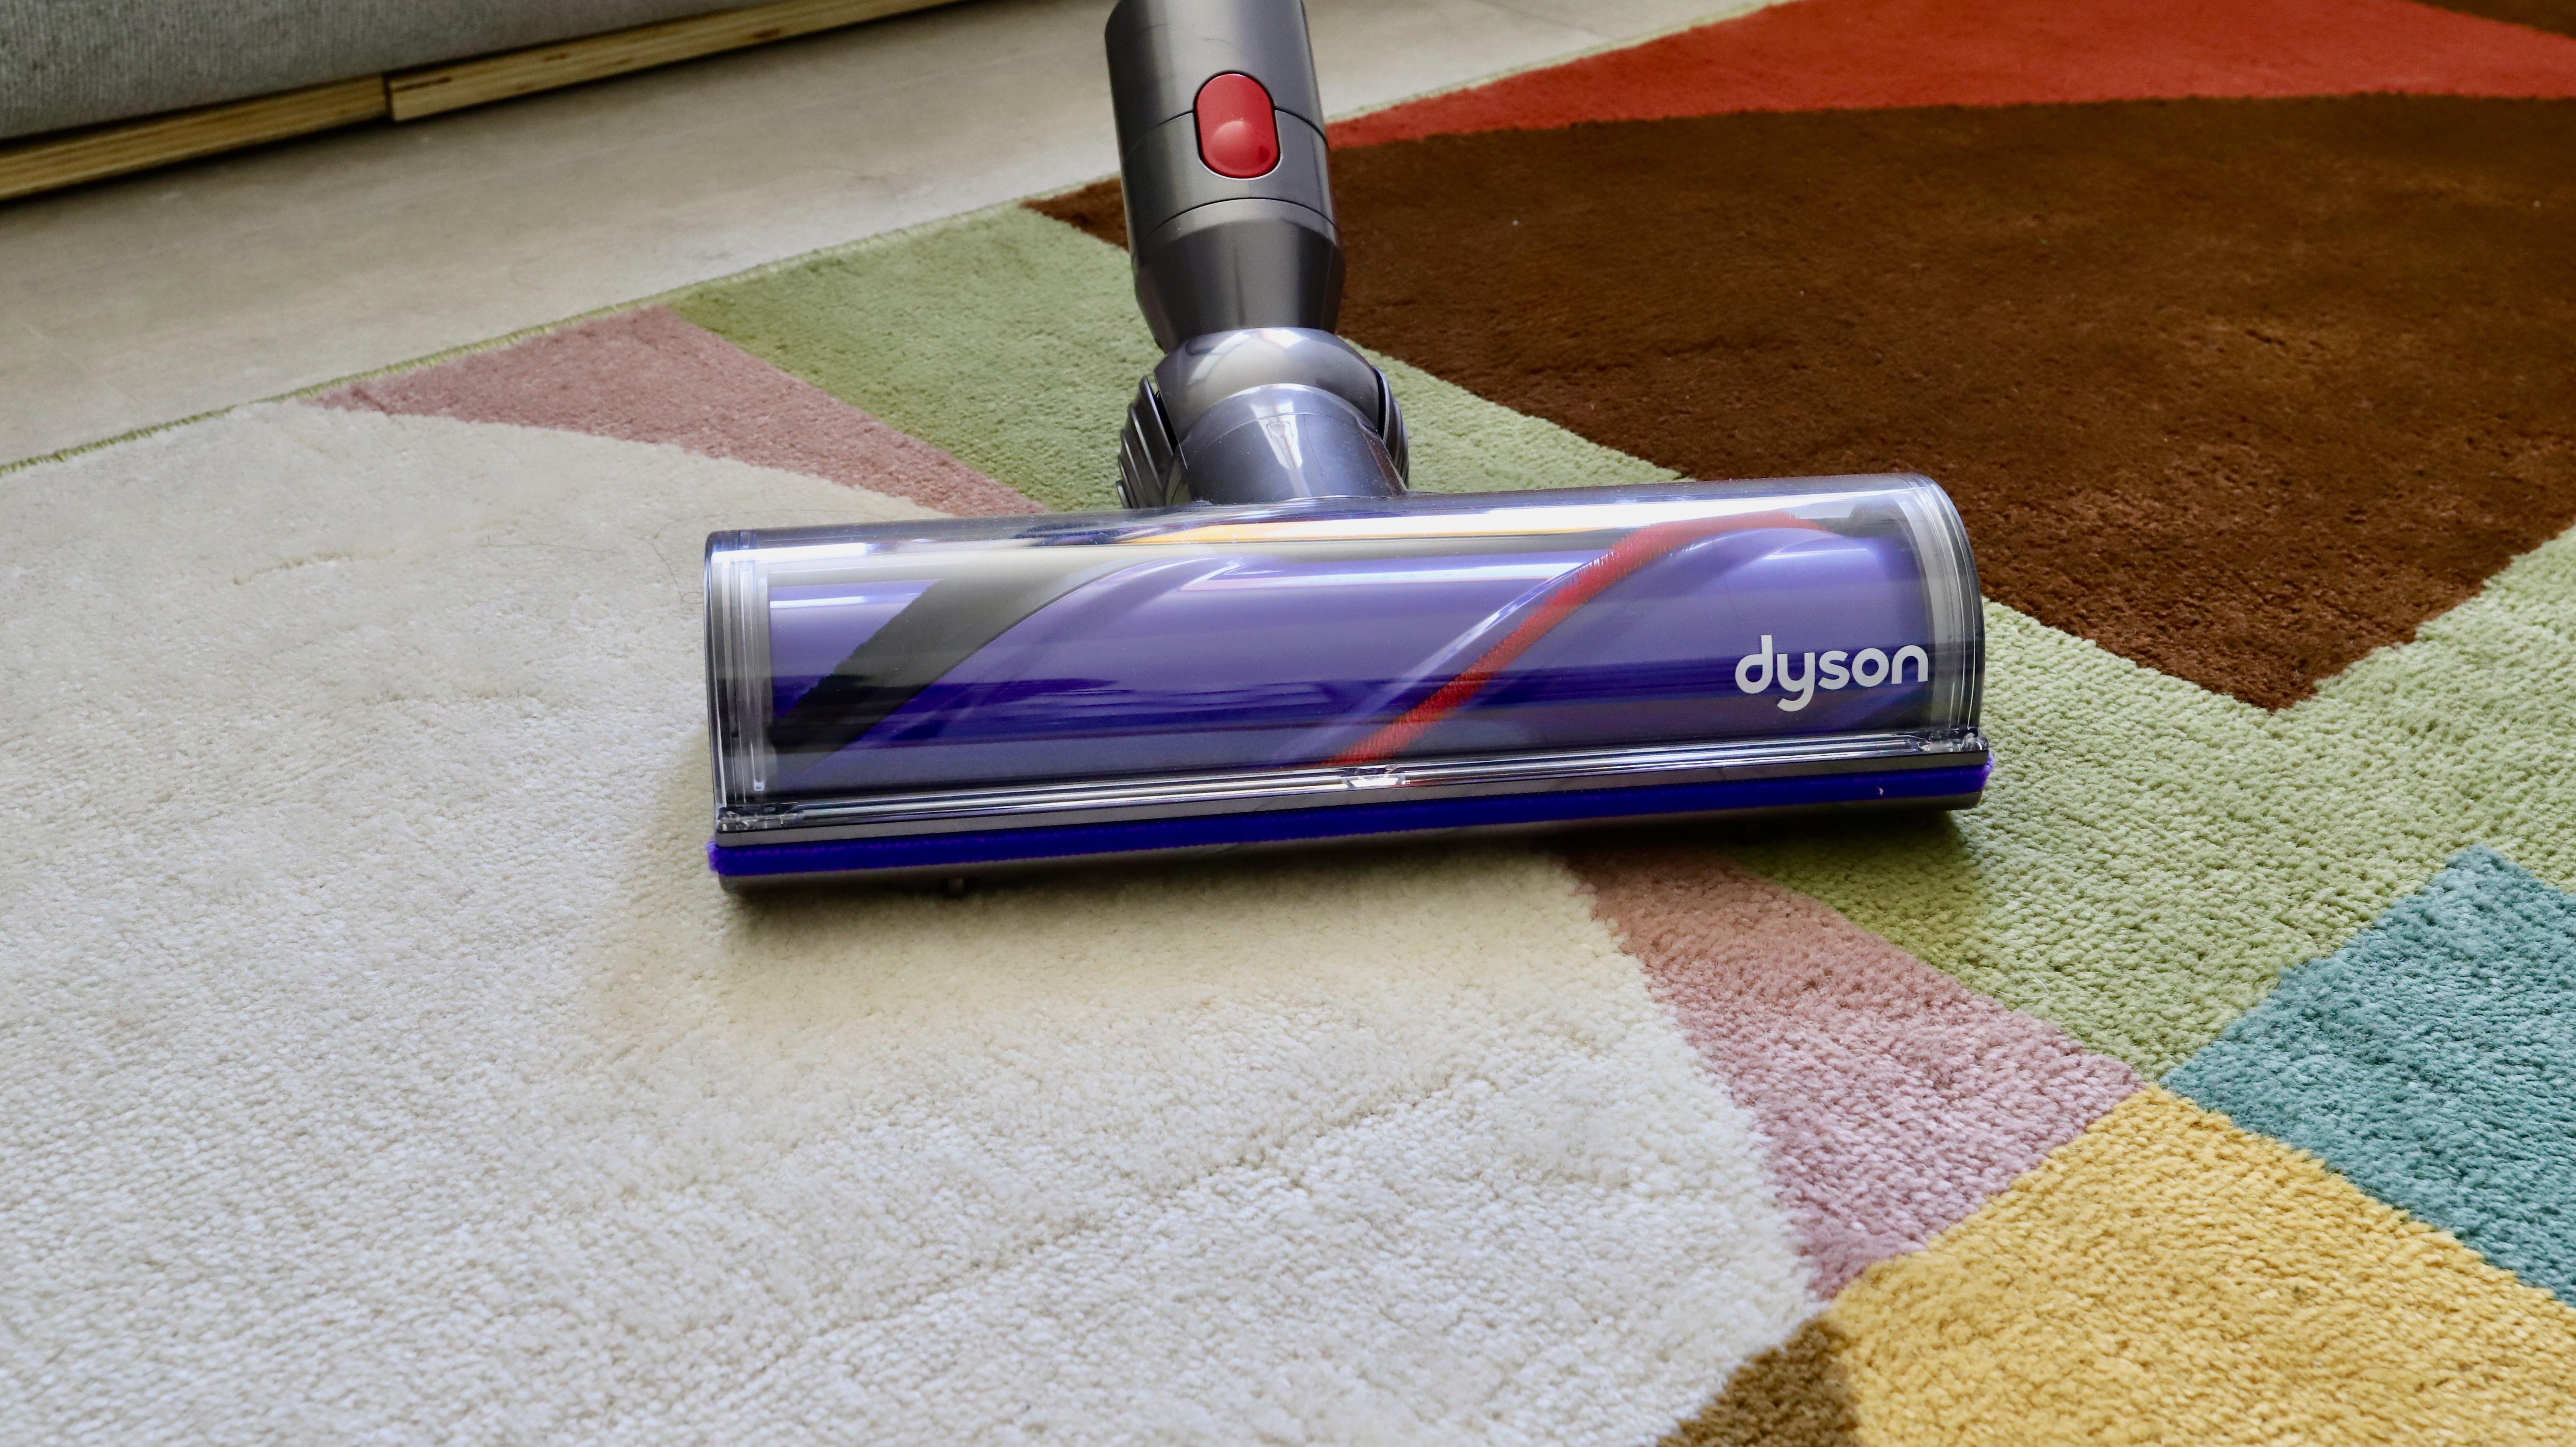 Dyson V8